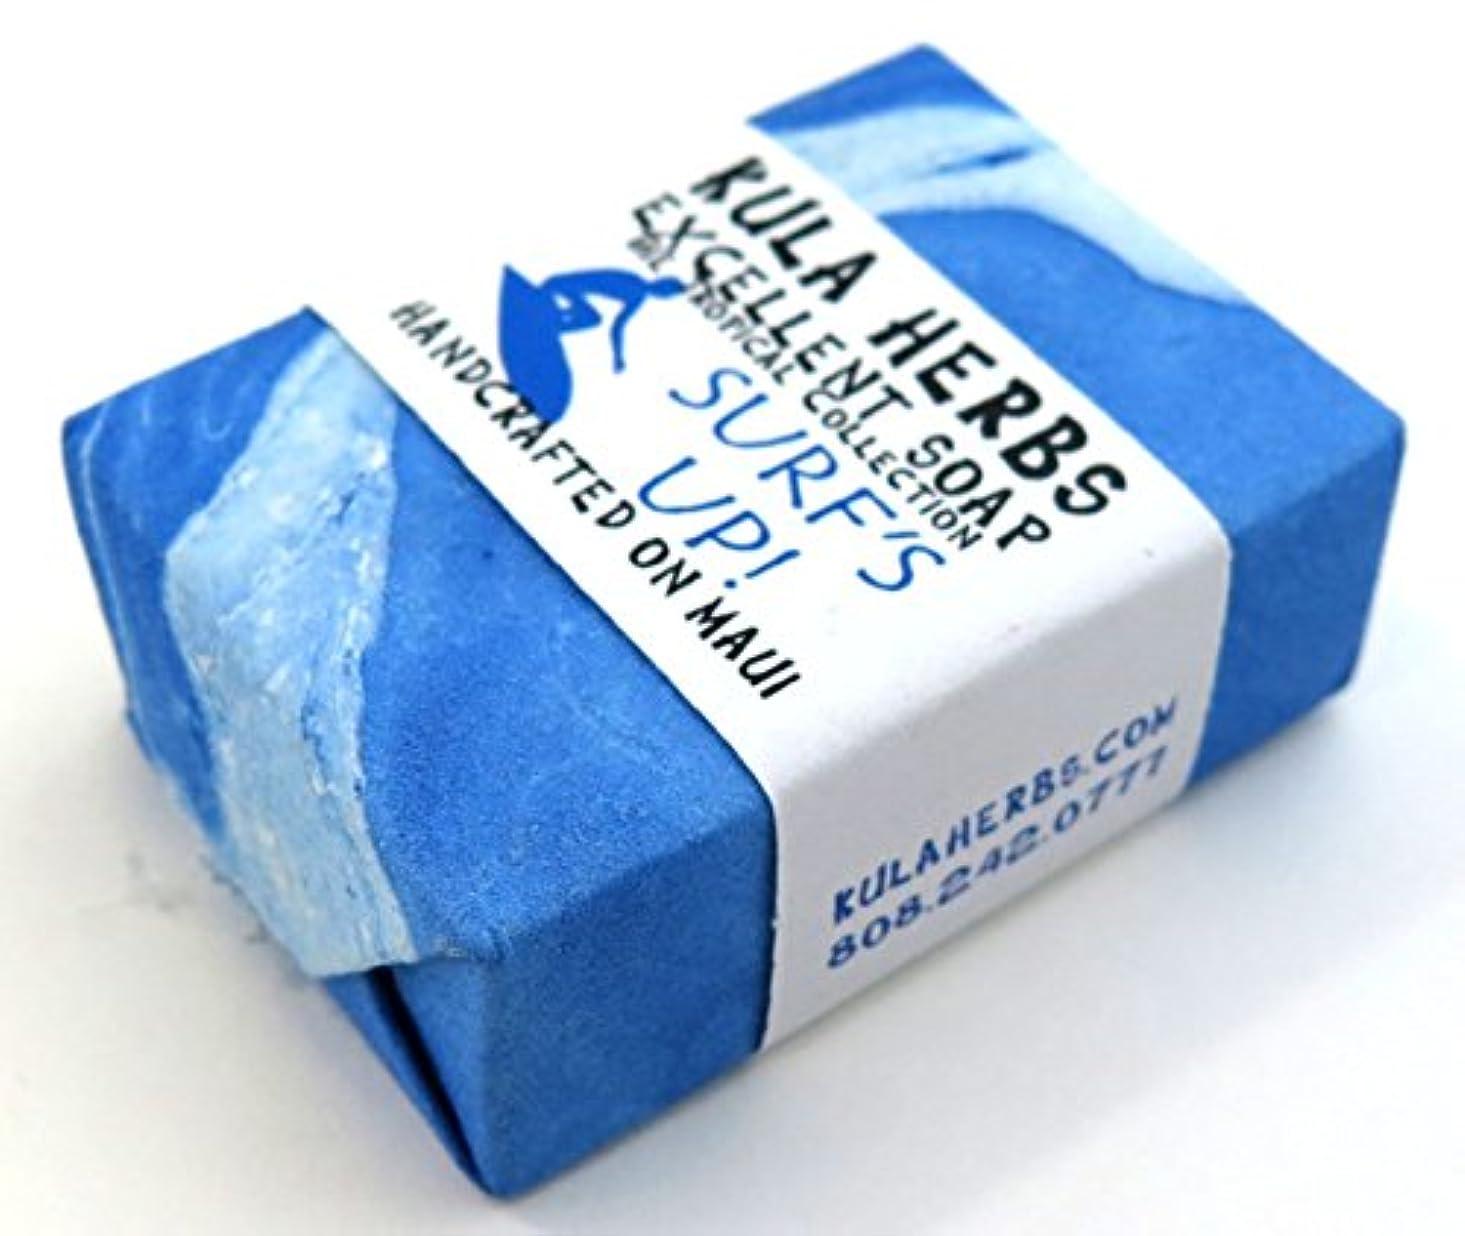 ハワイ お土産 ハワイアン雑貨 クラハーブス エクセレント ソープ 石鹸 30g (白檀)